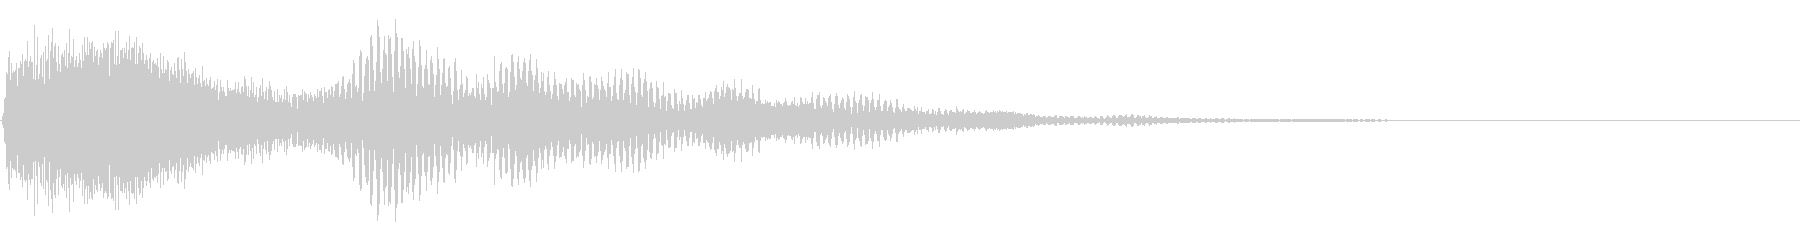 ボタン押下や決定音_ピロンッ!の未再生の波形